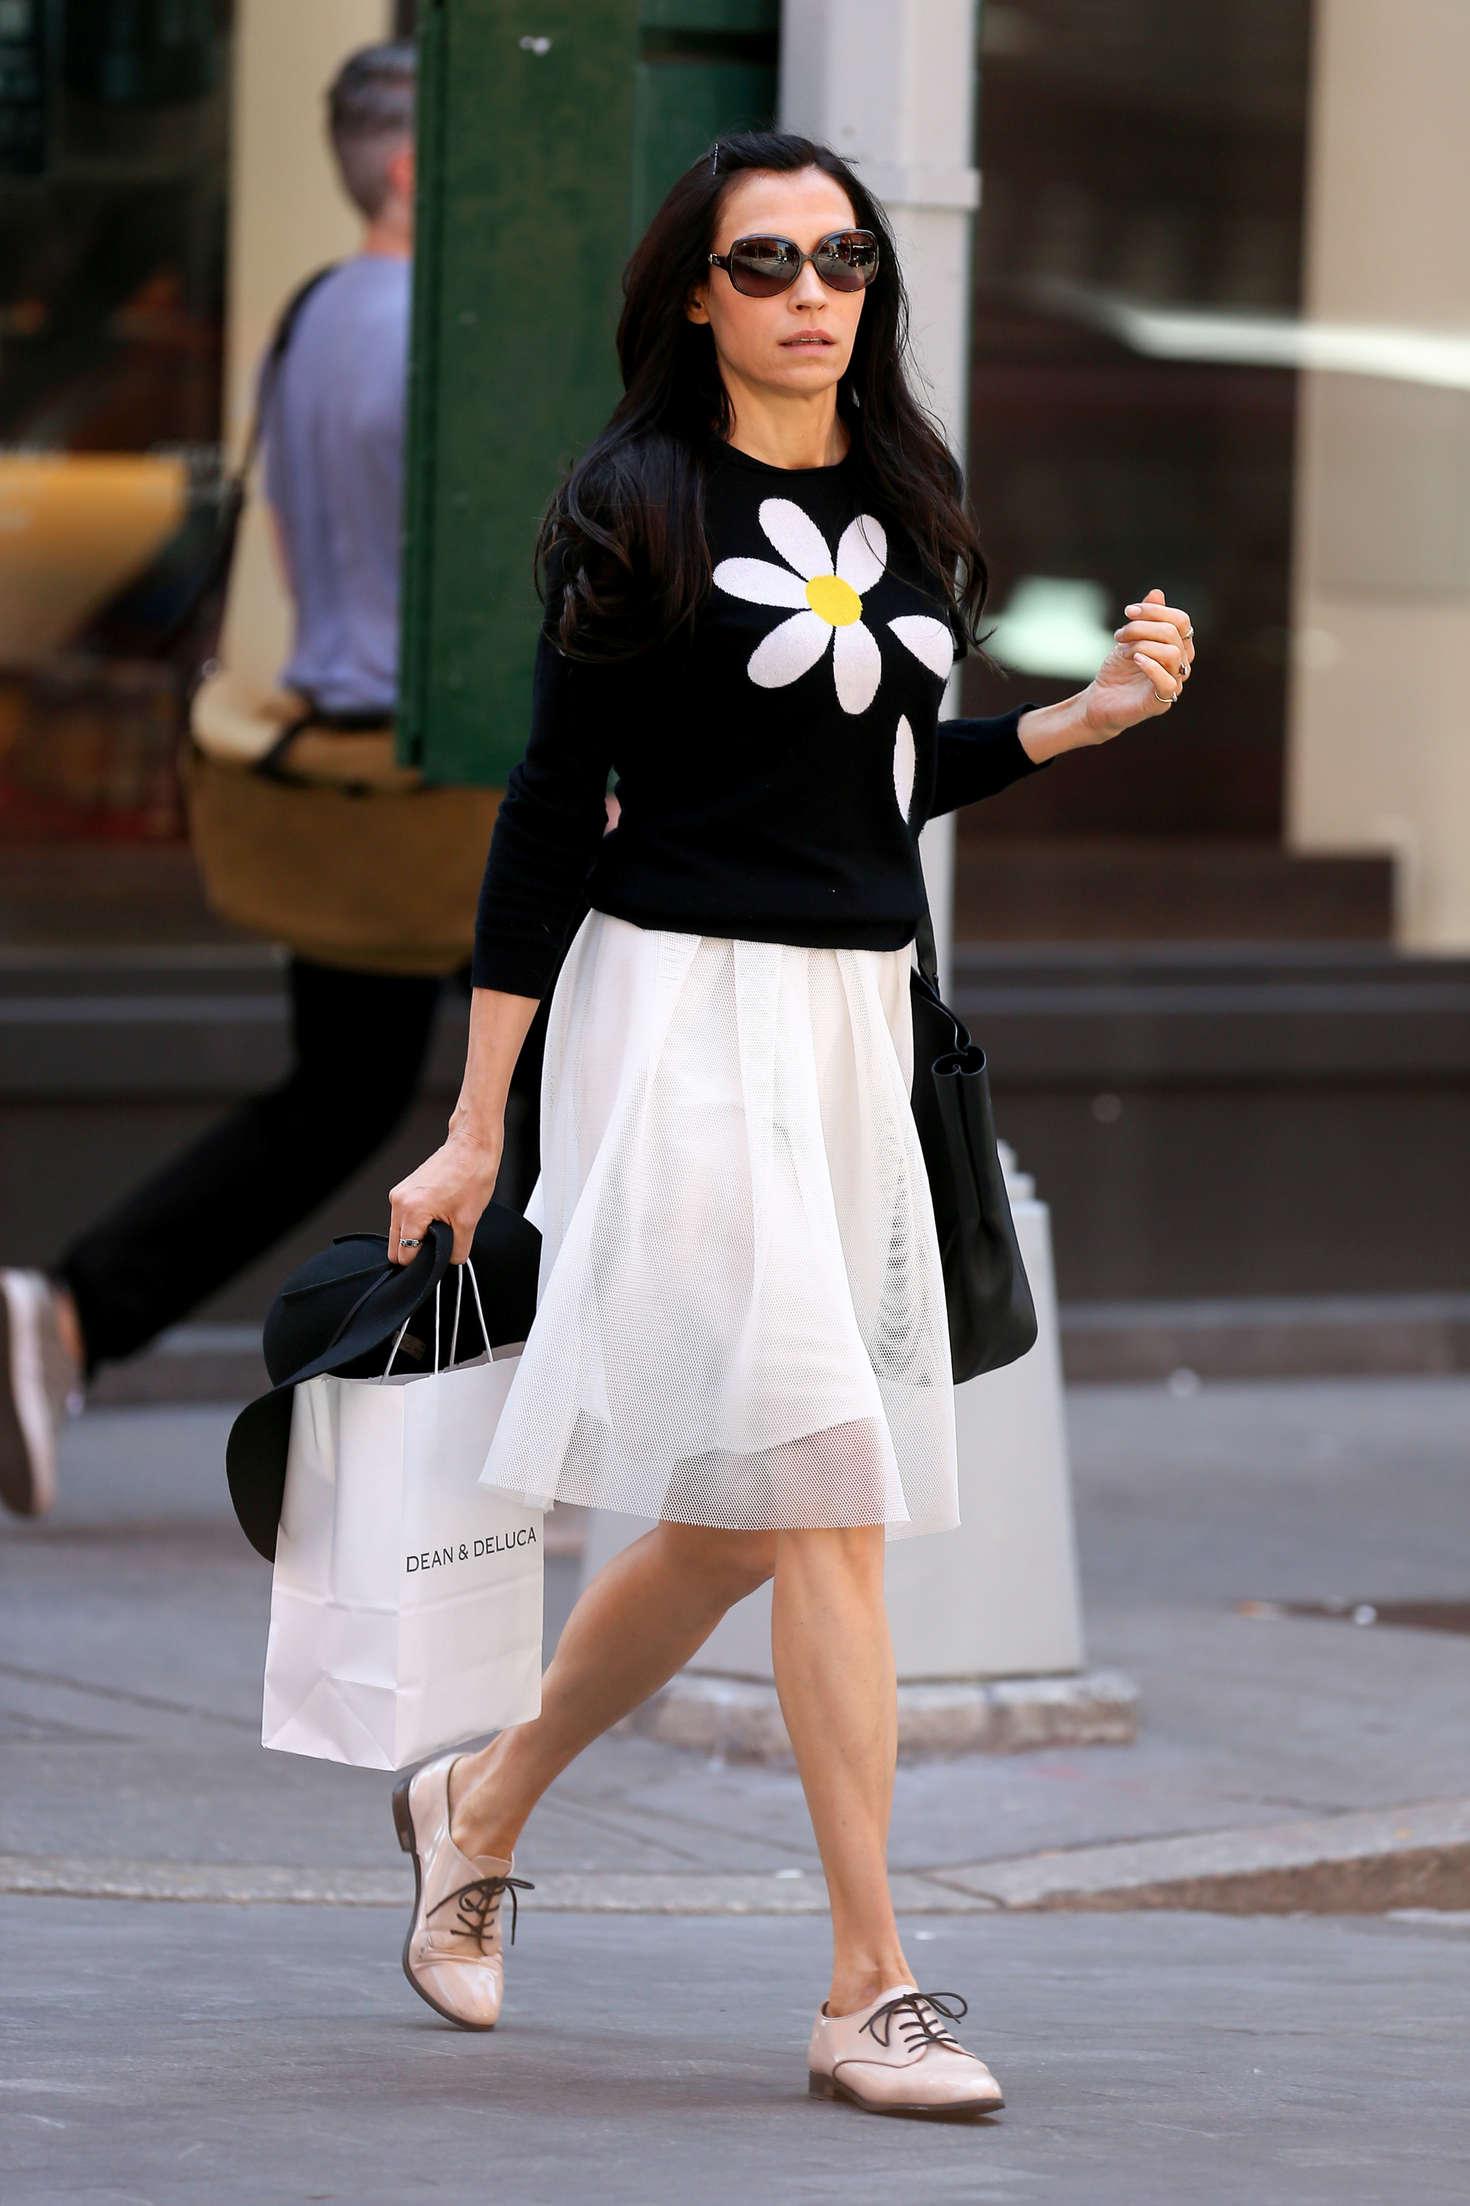 famke janssen in white skirt shopping in new york